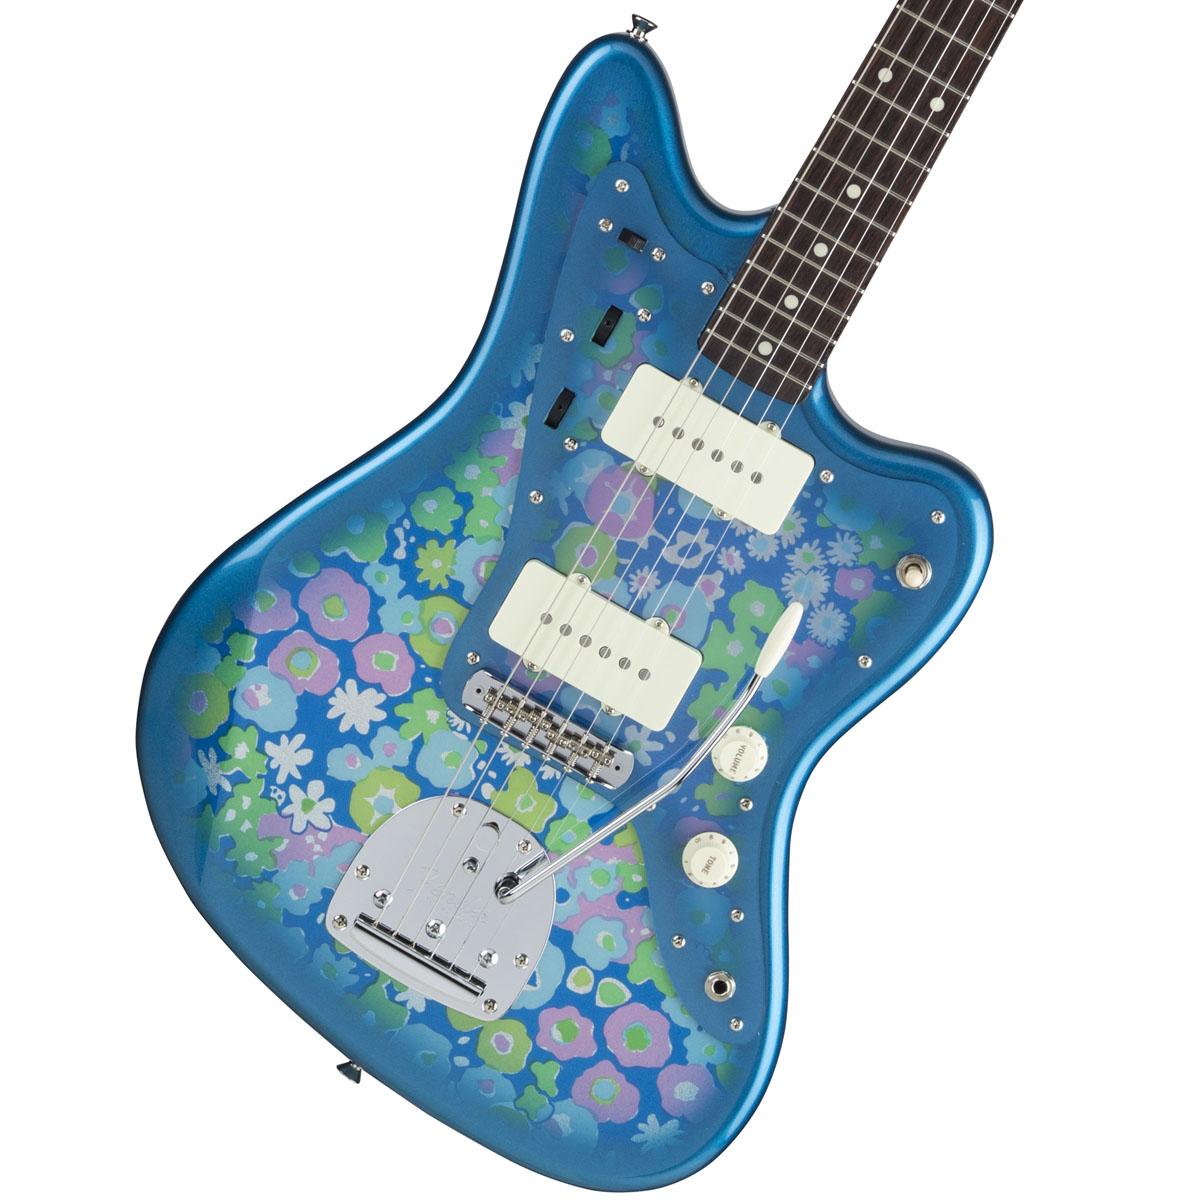 【タイムセール:7月2日12時まで】Fender / Made in Japan Traditional 60s Jazzmaster Rosewood Fingerboard Blue Flower 《カスタムショップのお手入れ用品を進呈/+671038200》